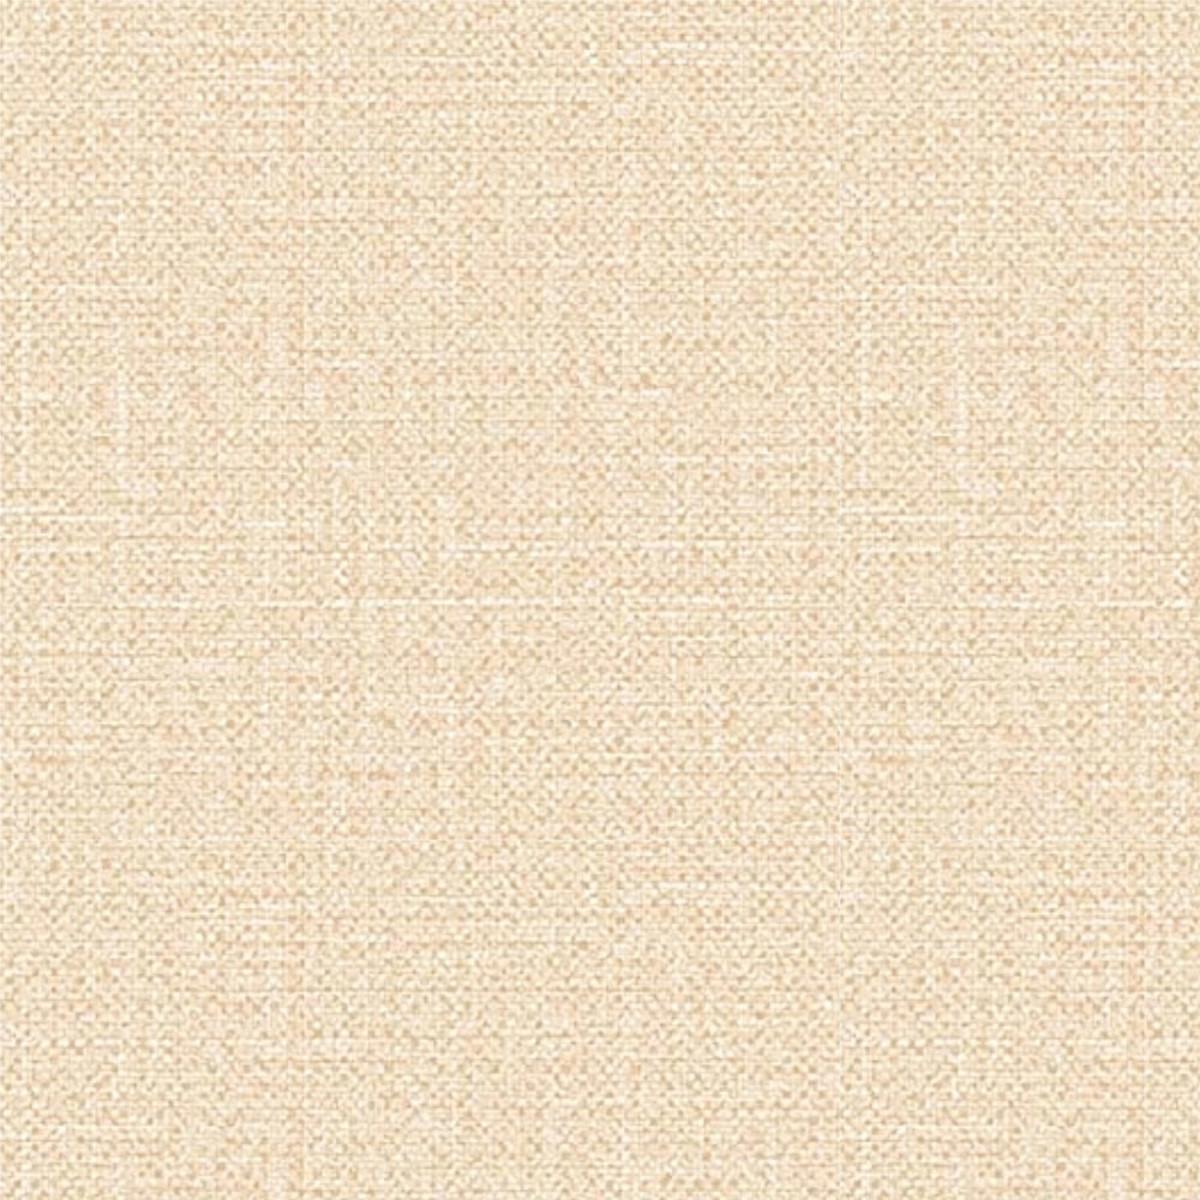 Обои виниловые Gaenari бежевые 1.06 м 82051-6